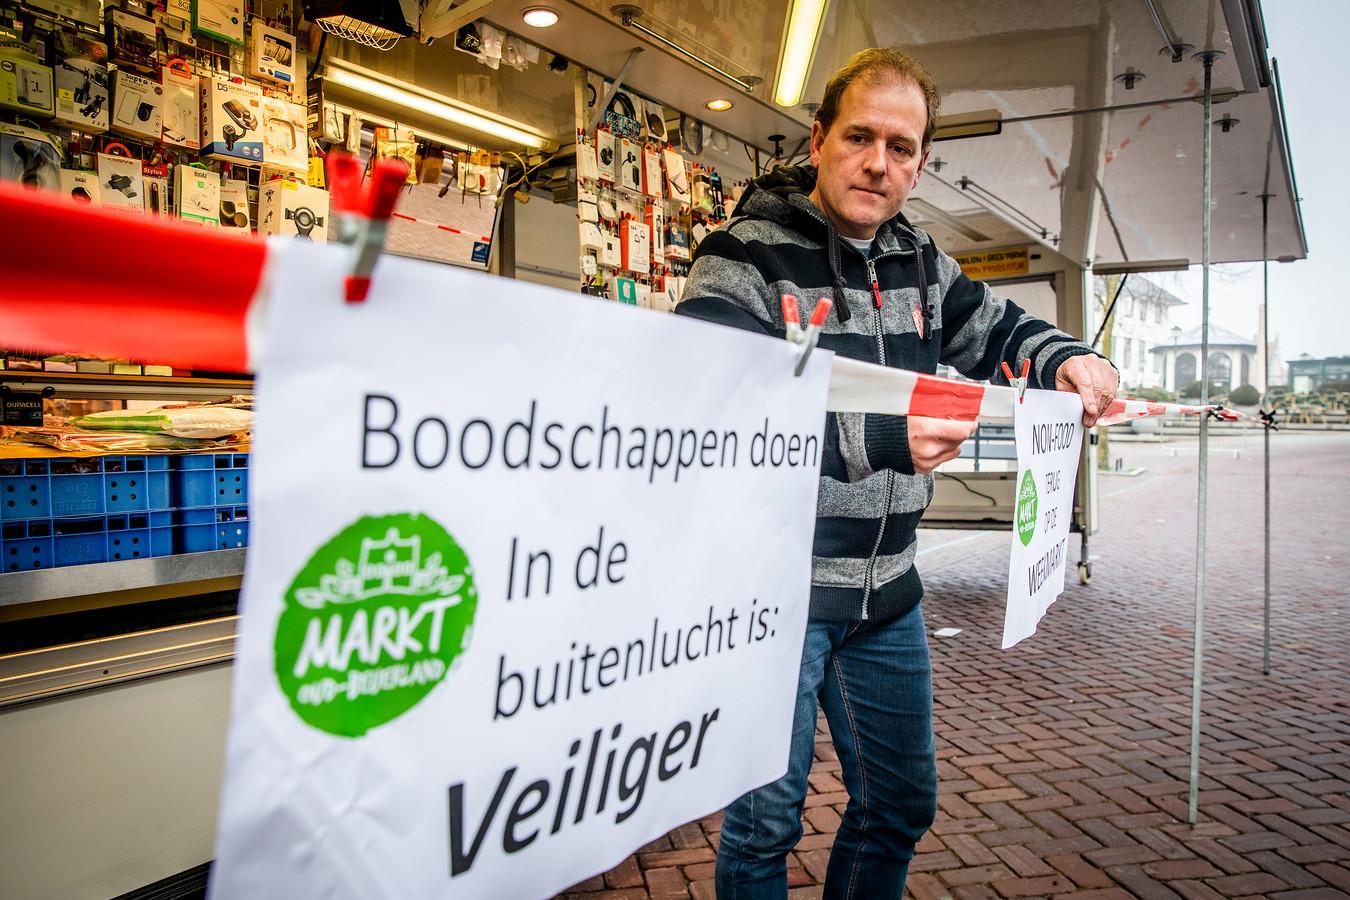 Marktkooplieden demonstreren in Oud-Beijerland, omdat zij niet met hun non-food artikelen op de markt mogen komen, vanwege de huidige lockdown.